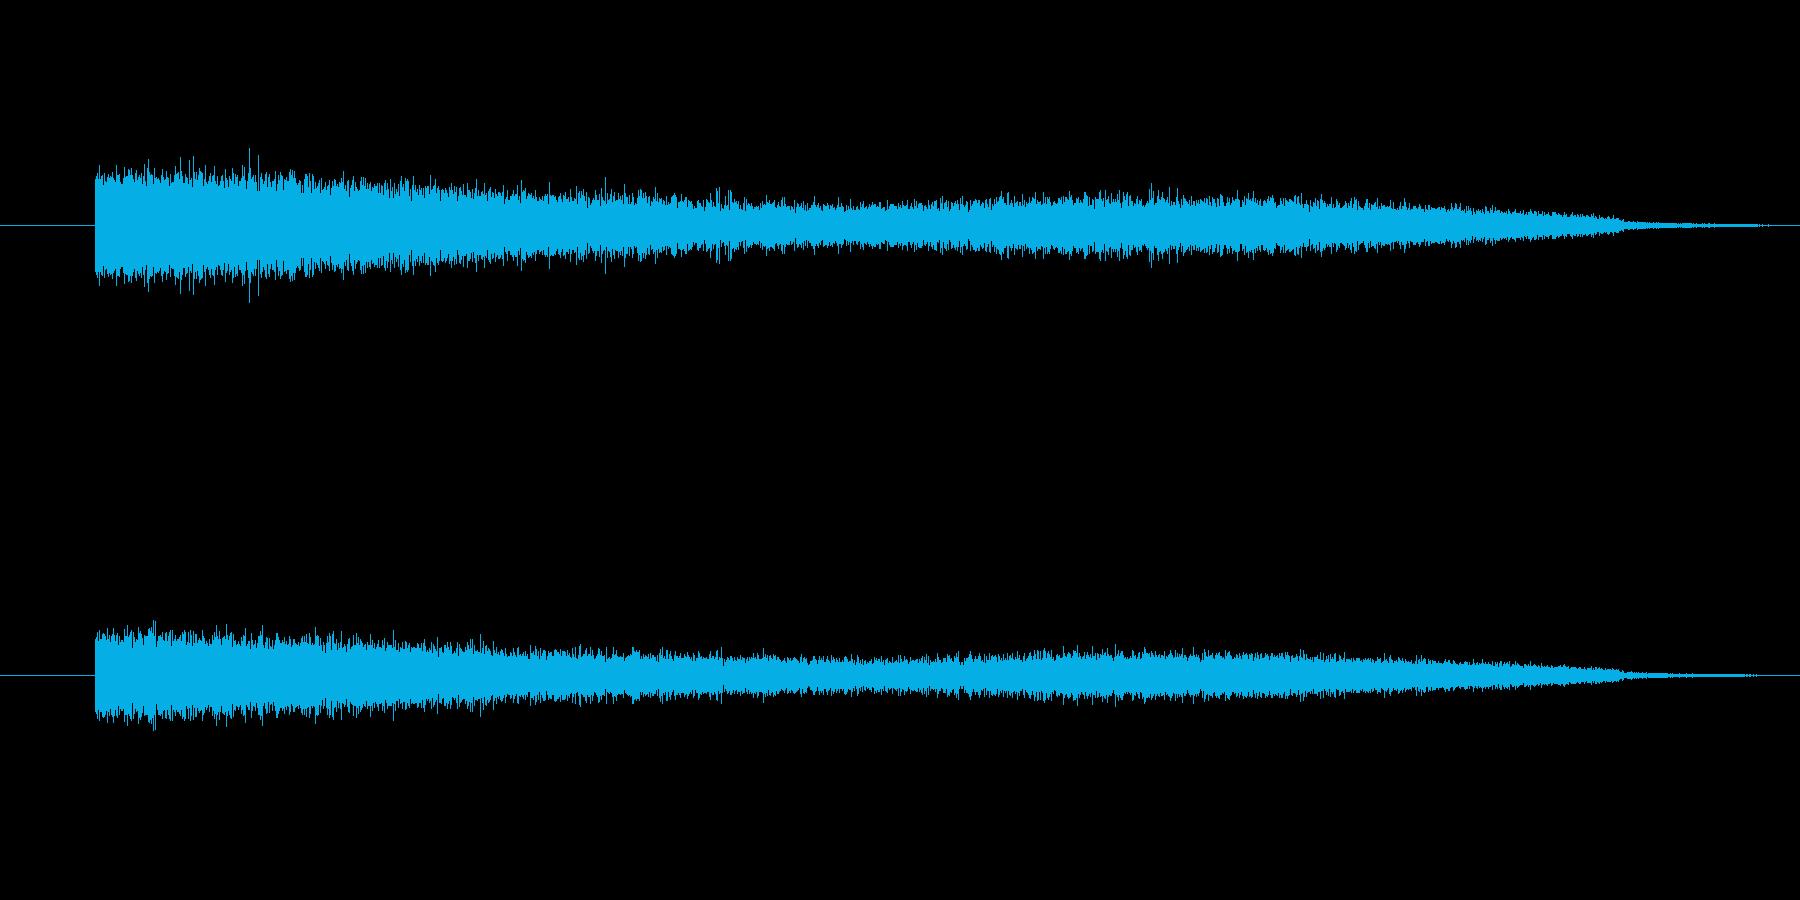 シューンと空間の中をさまようような音の再生済みの波形